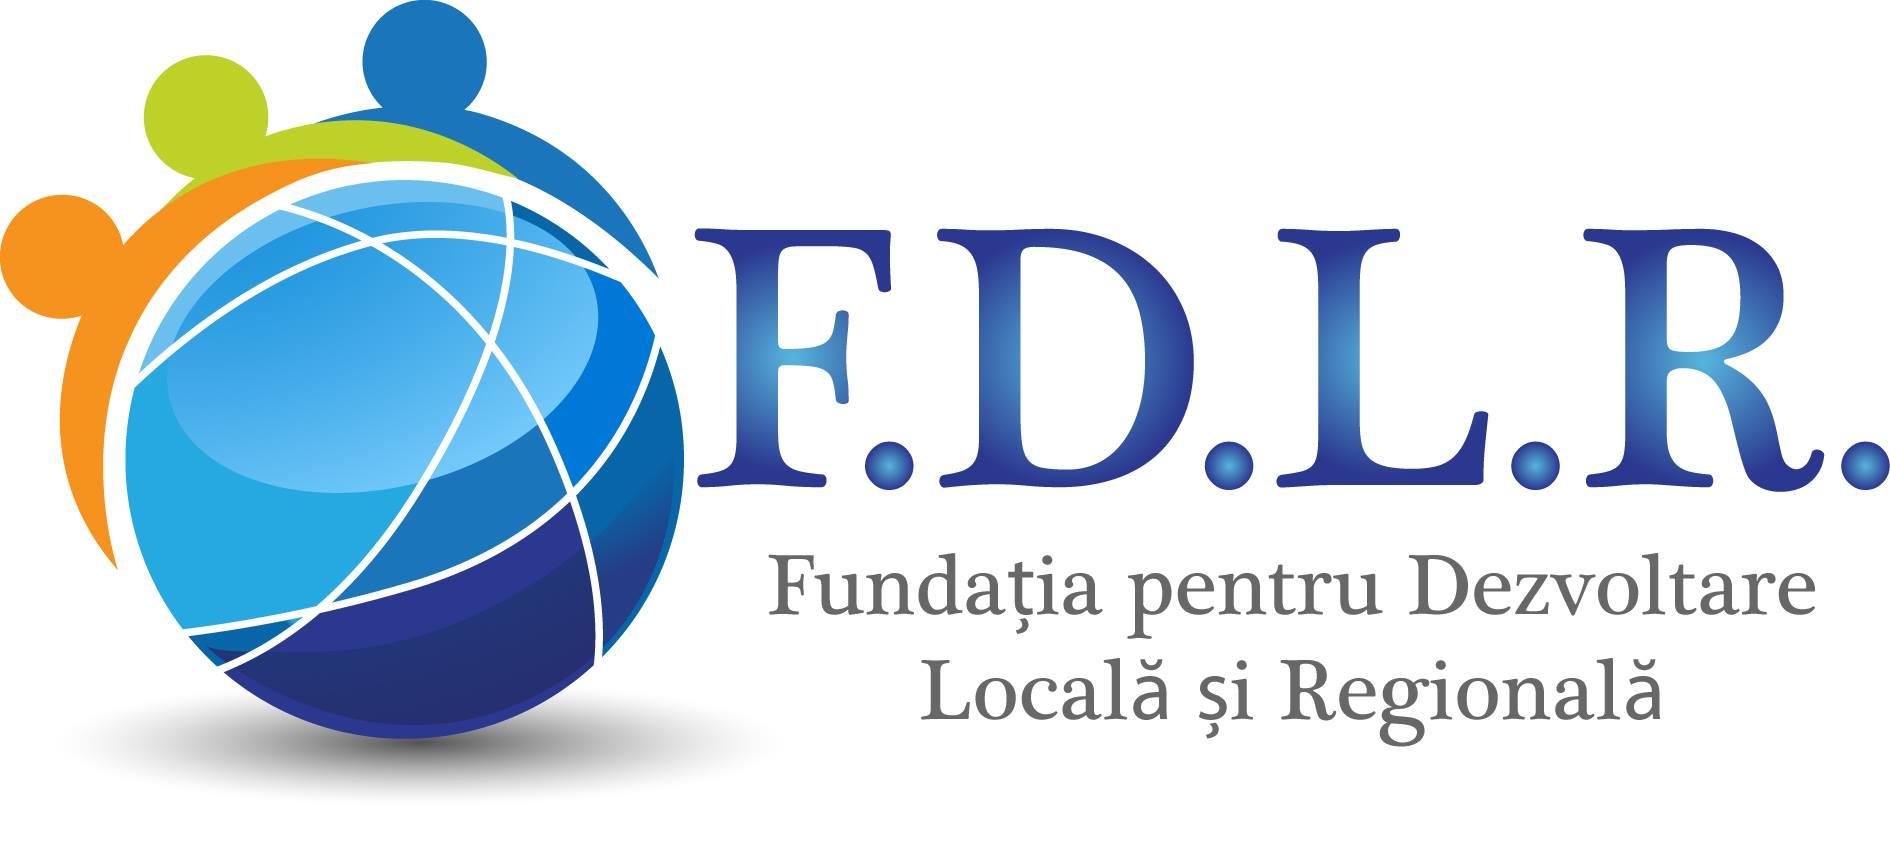 Fundația pentru Dezvoltare Locală și Regională logo